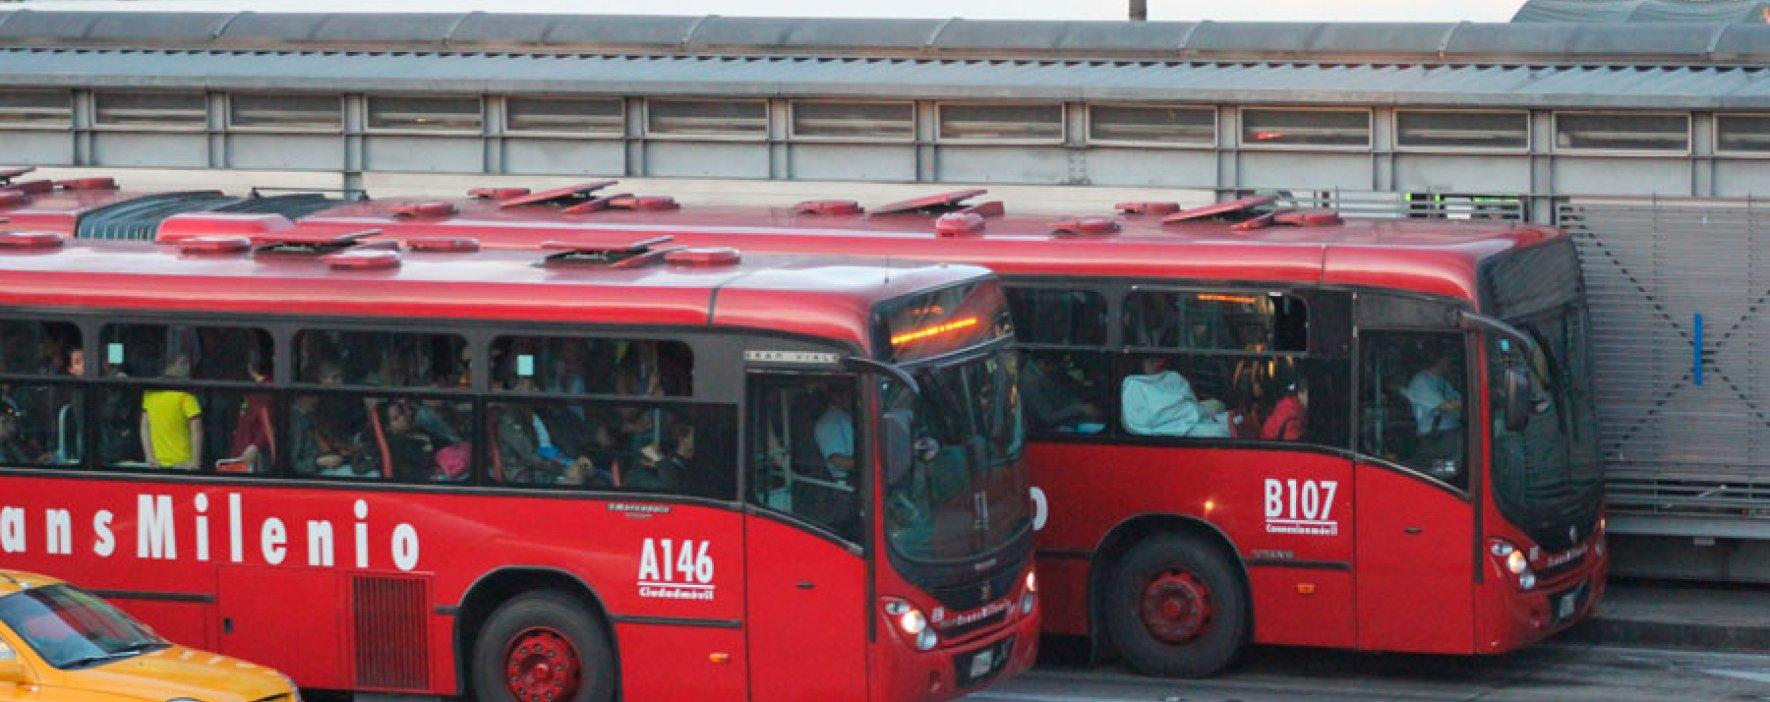 Camacol le da su espaldarazo a TransMilenio por carrera séptima de Bogotá